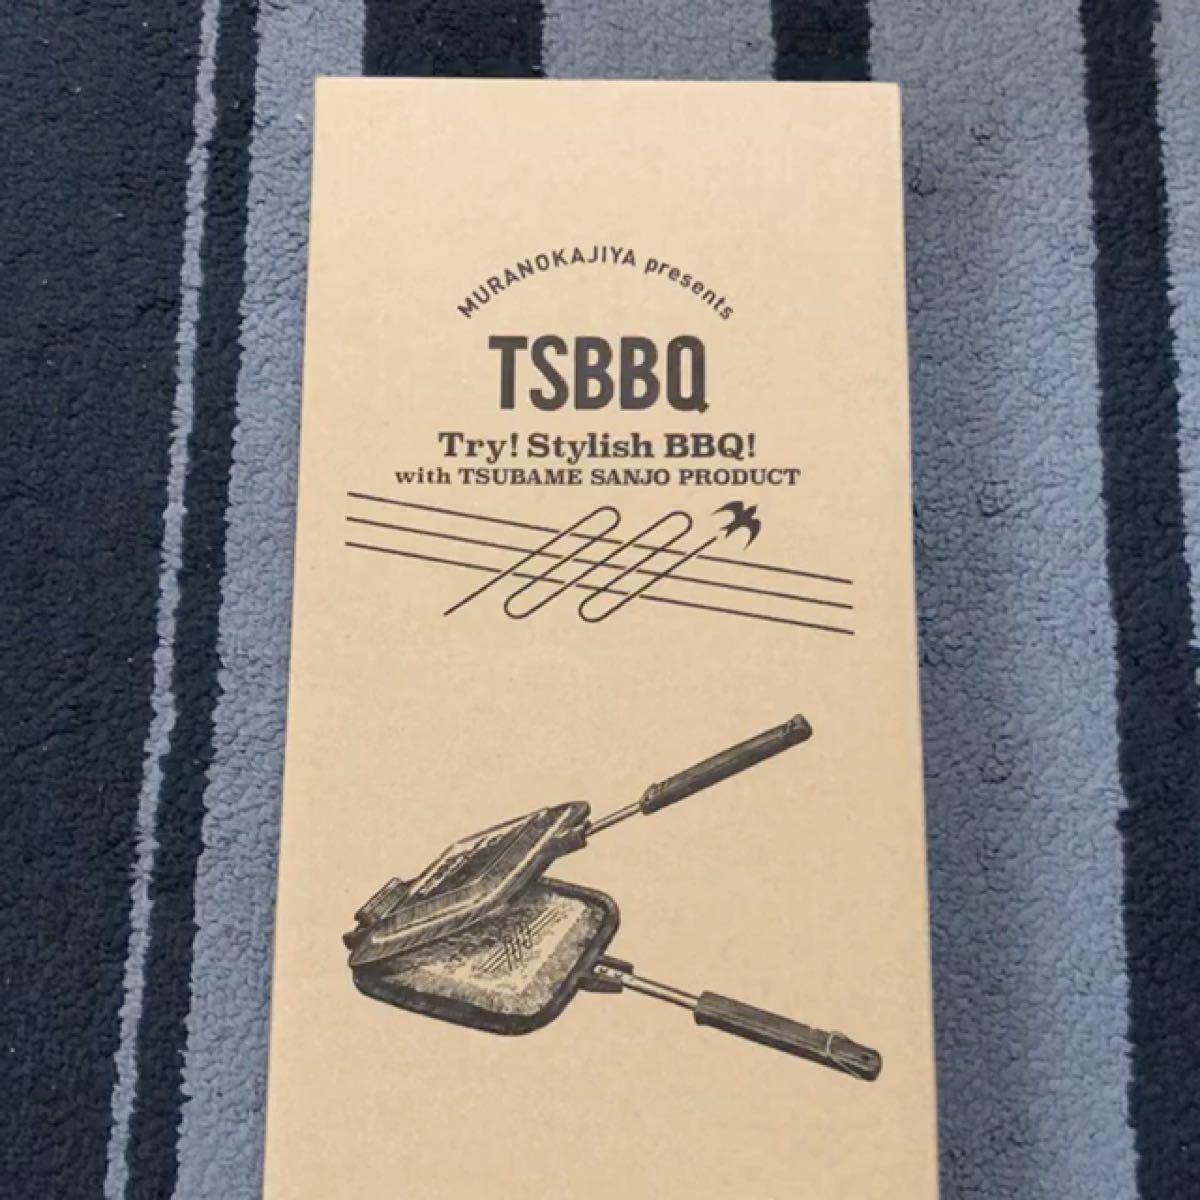 新品未使用品! 送料込み 村の鍛冶屋 TSBBQ ホットサンドメーカー